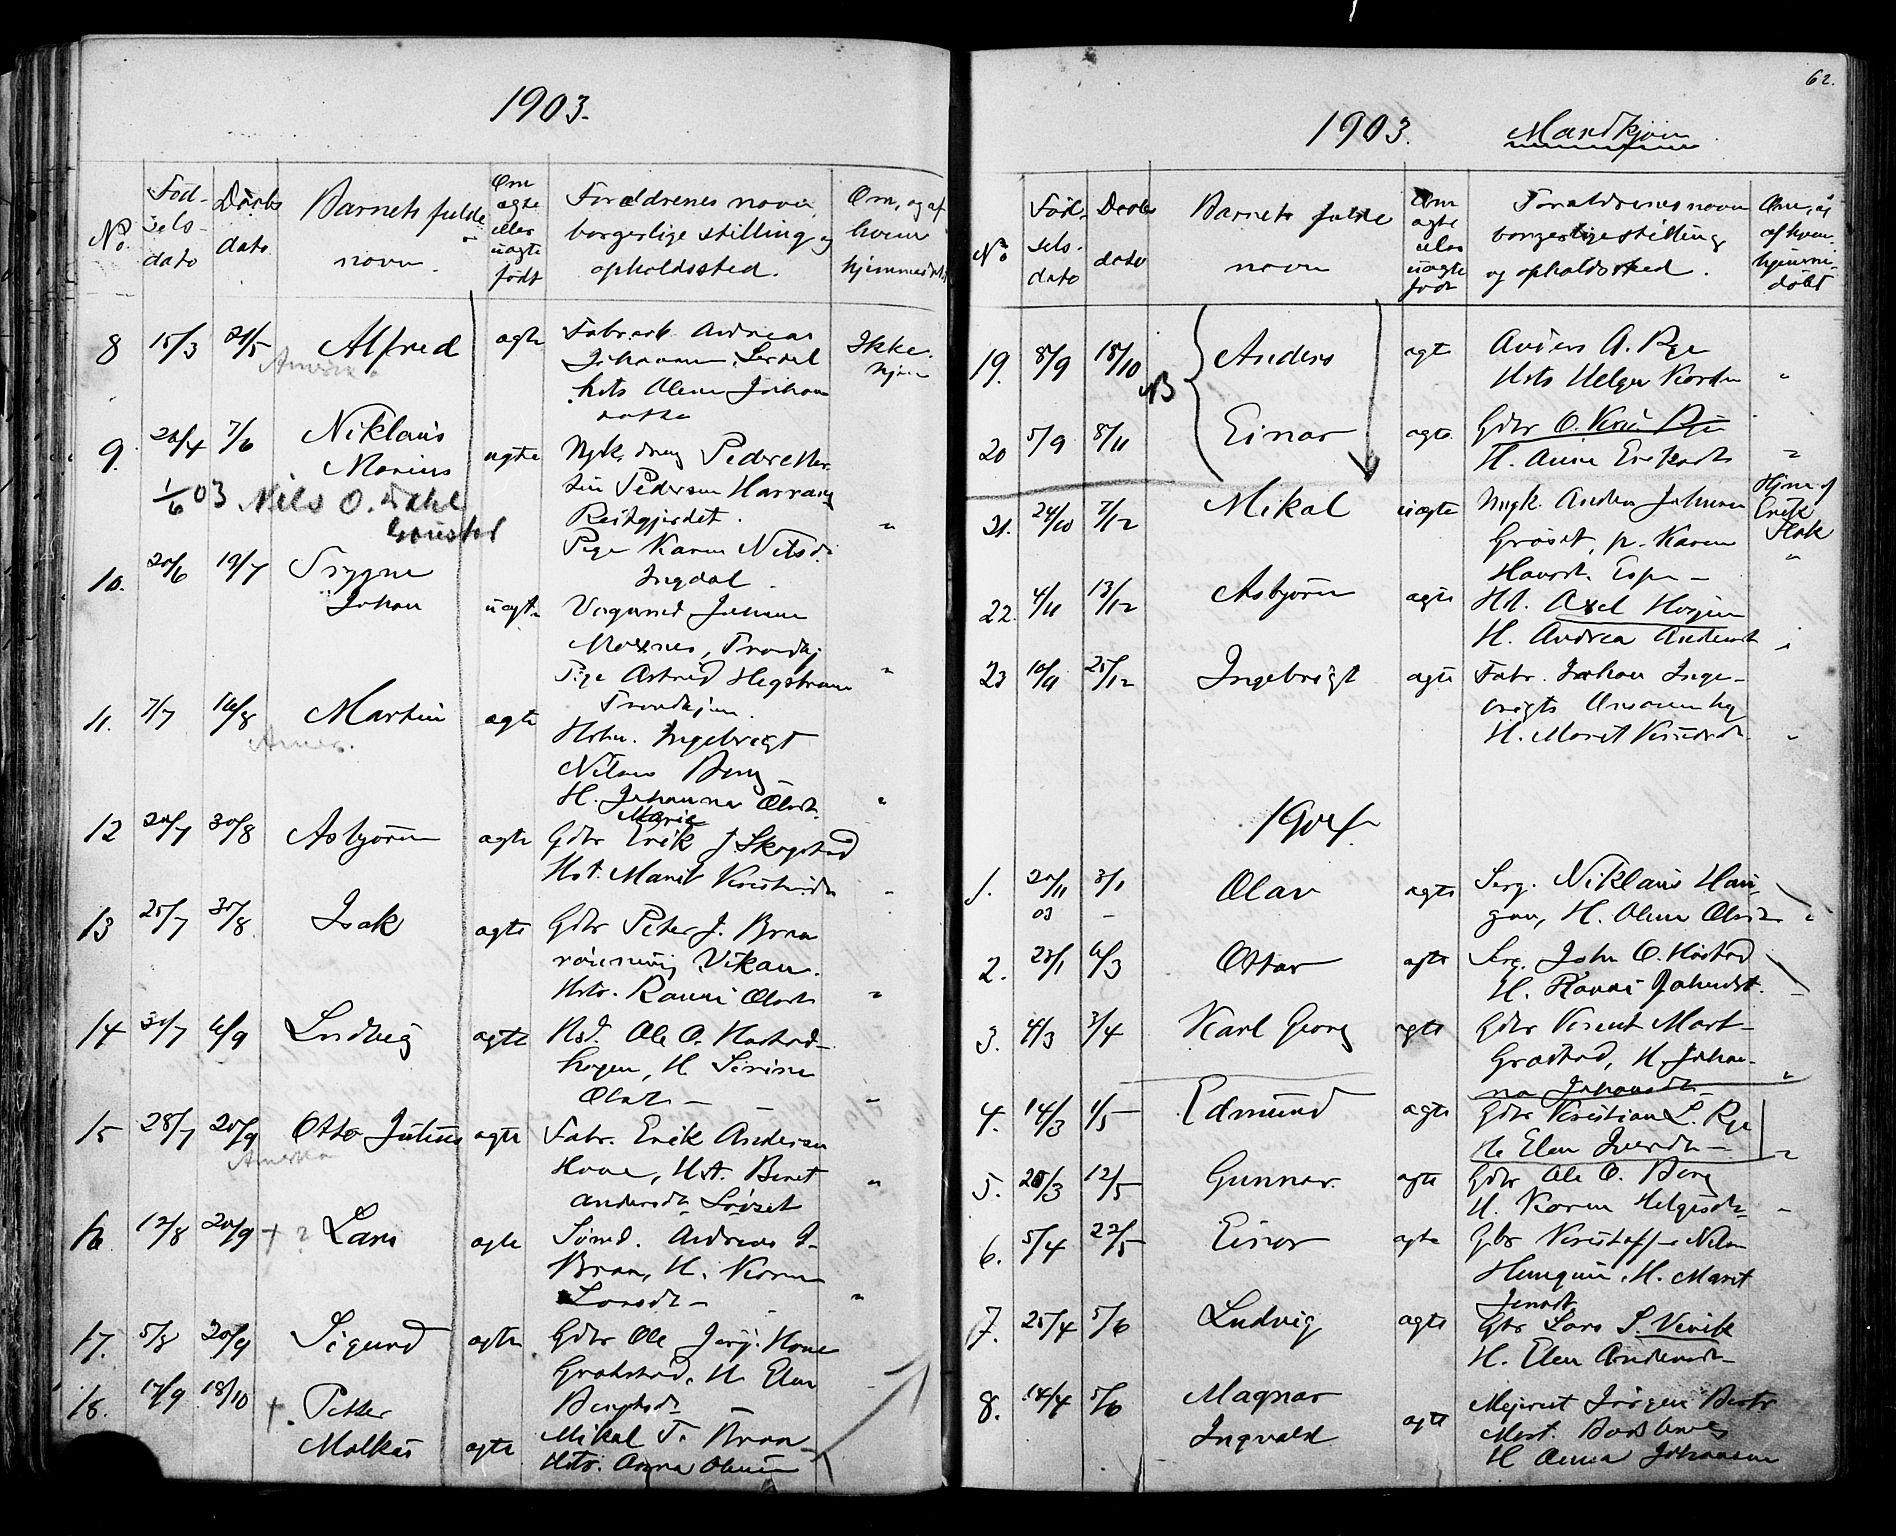 SAT, Ministerialprotokoller, klokkerbøker og fødselsregistre - Sør-Trøndelag, 612/L0387: Klokkerbok nr. 612C03, 1874-1908, s. 62